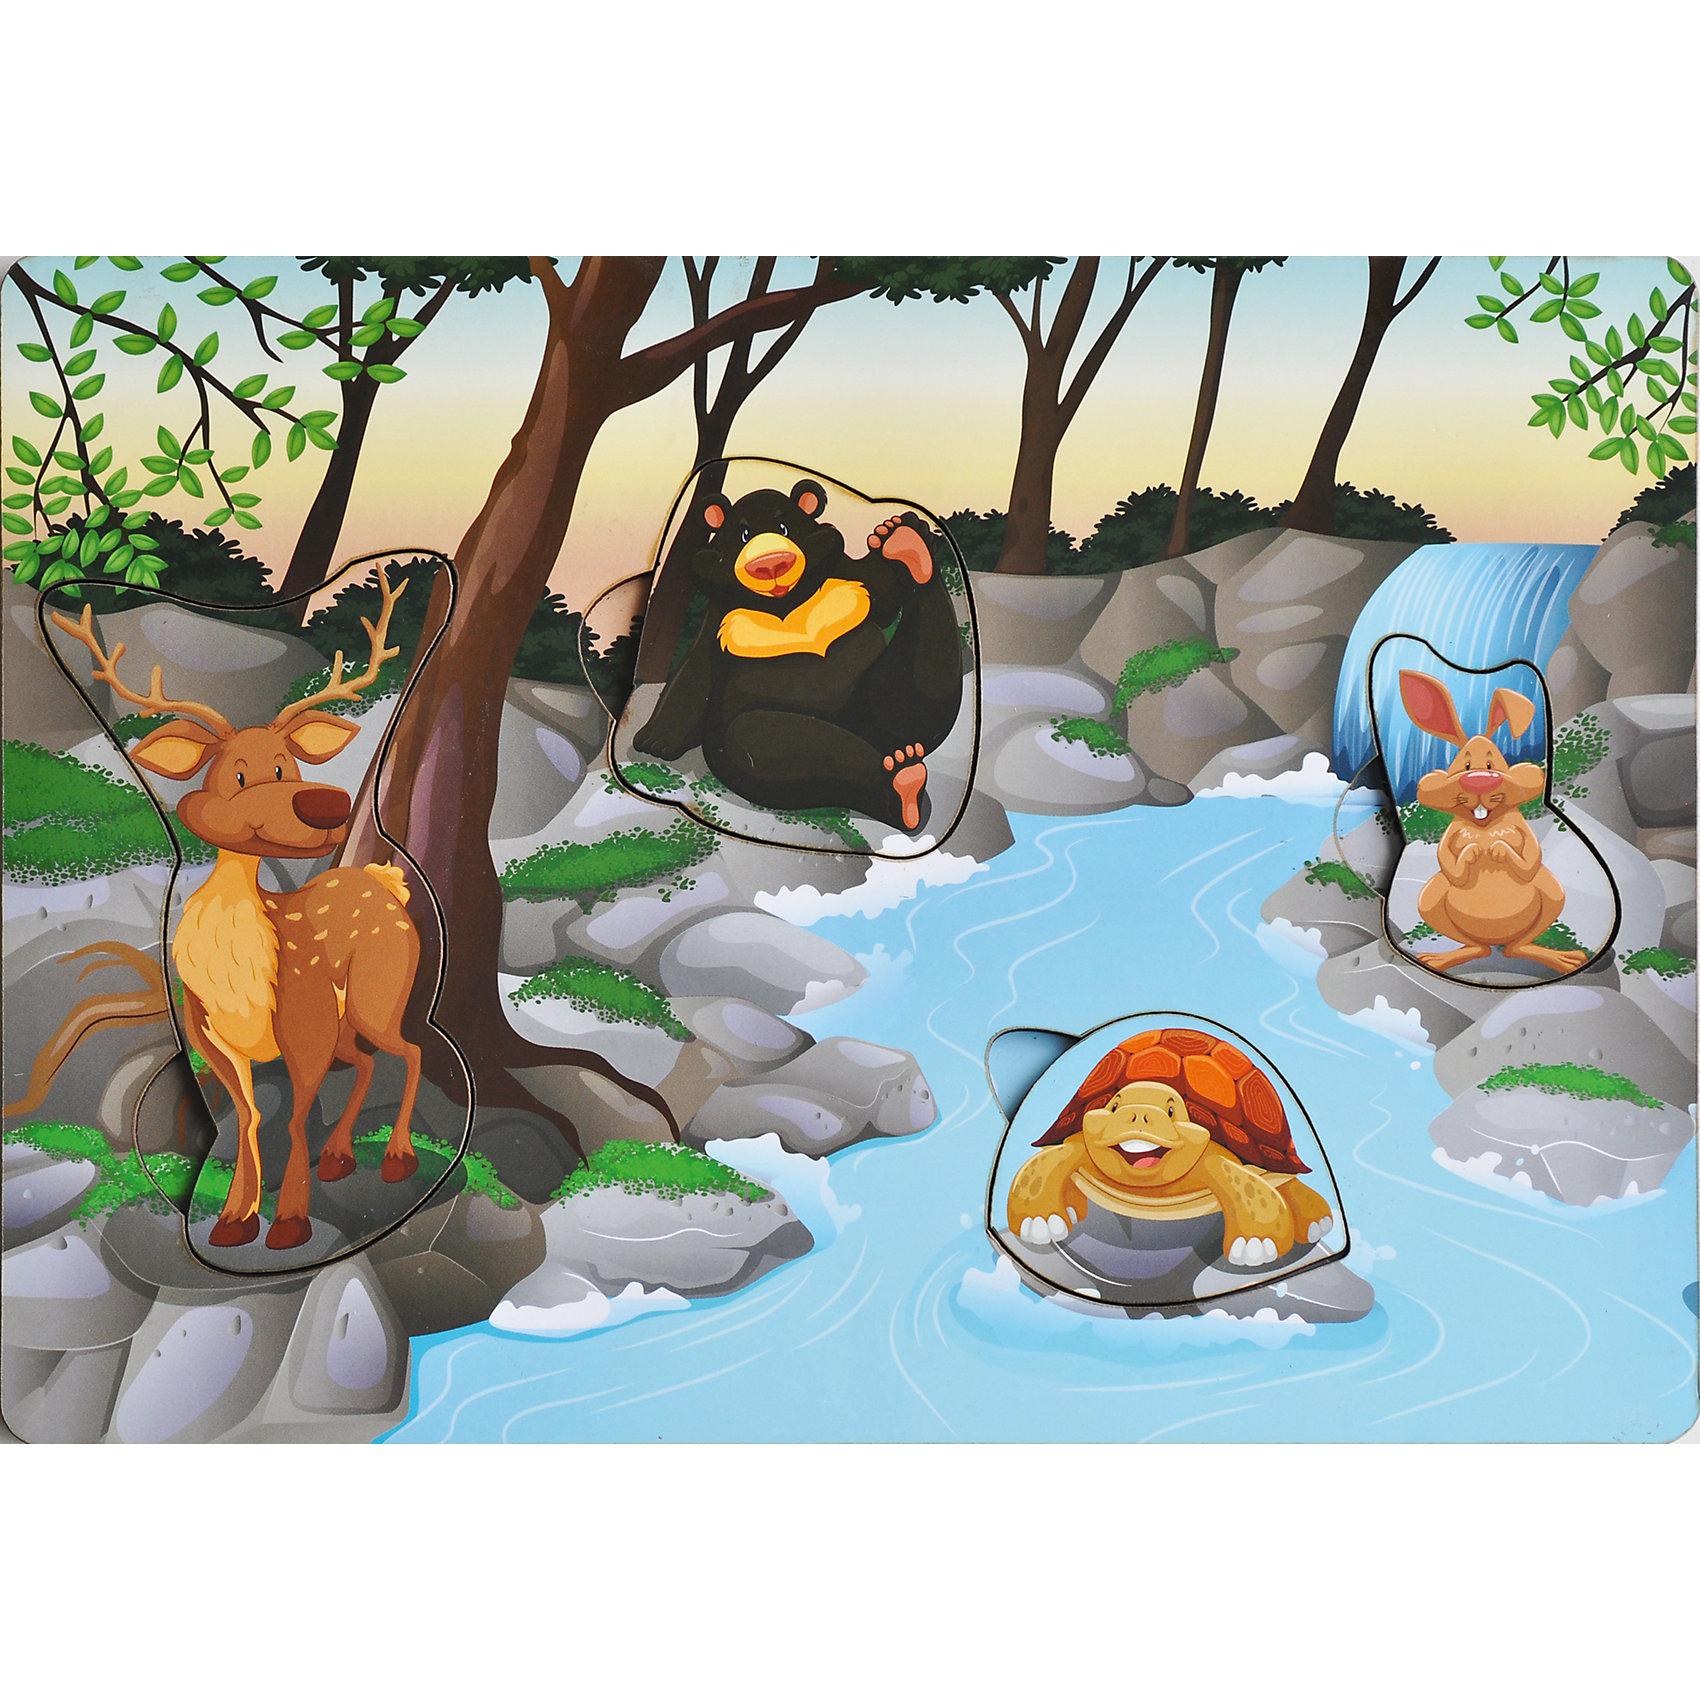 Развивающая рамка-вкладыш  «Звери на Реке», Мастер игрушекДеревянные игры и пазлы<br>Звери на реке - яркая рамка-вкладыш, с помощью которого ребенок познакомится с животными, отдыхающими возле реки, рассмотрит их, вытащив из ячеек и найдет им свой домик, вставив их обратно. Яркая картинка понравится малышу, а игра поможет развить мелкую моторику, координацию и обогатить словарный запас.<br><br>Дополнительная информация:<br>В комплекте: 4 вкладыша, рамка<br>Материал: дерево<br>Размер: 0,5х20х28 см<br>Вес: 260 грамм<br>Вы можете купить рамку-вкладыш Звери на реке в нашем интернет-магазине.<br><br>Ширина мм: 280<br>Глубина мм: 200<br>Высота мм: 5<br>Вес г: 260<br>Возраст от месяцев: 36<br>Возраст до месяцев: 120<br>Пол: Унисекс<br>Возраст: Детский<br>SKU: 4953659